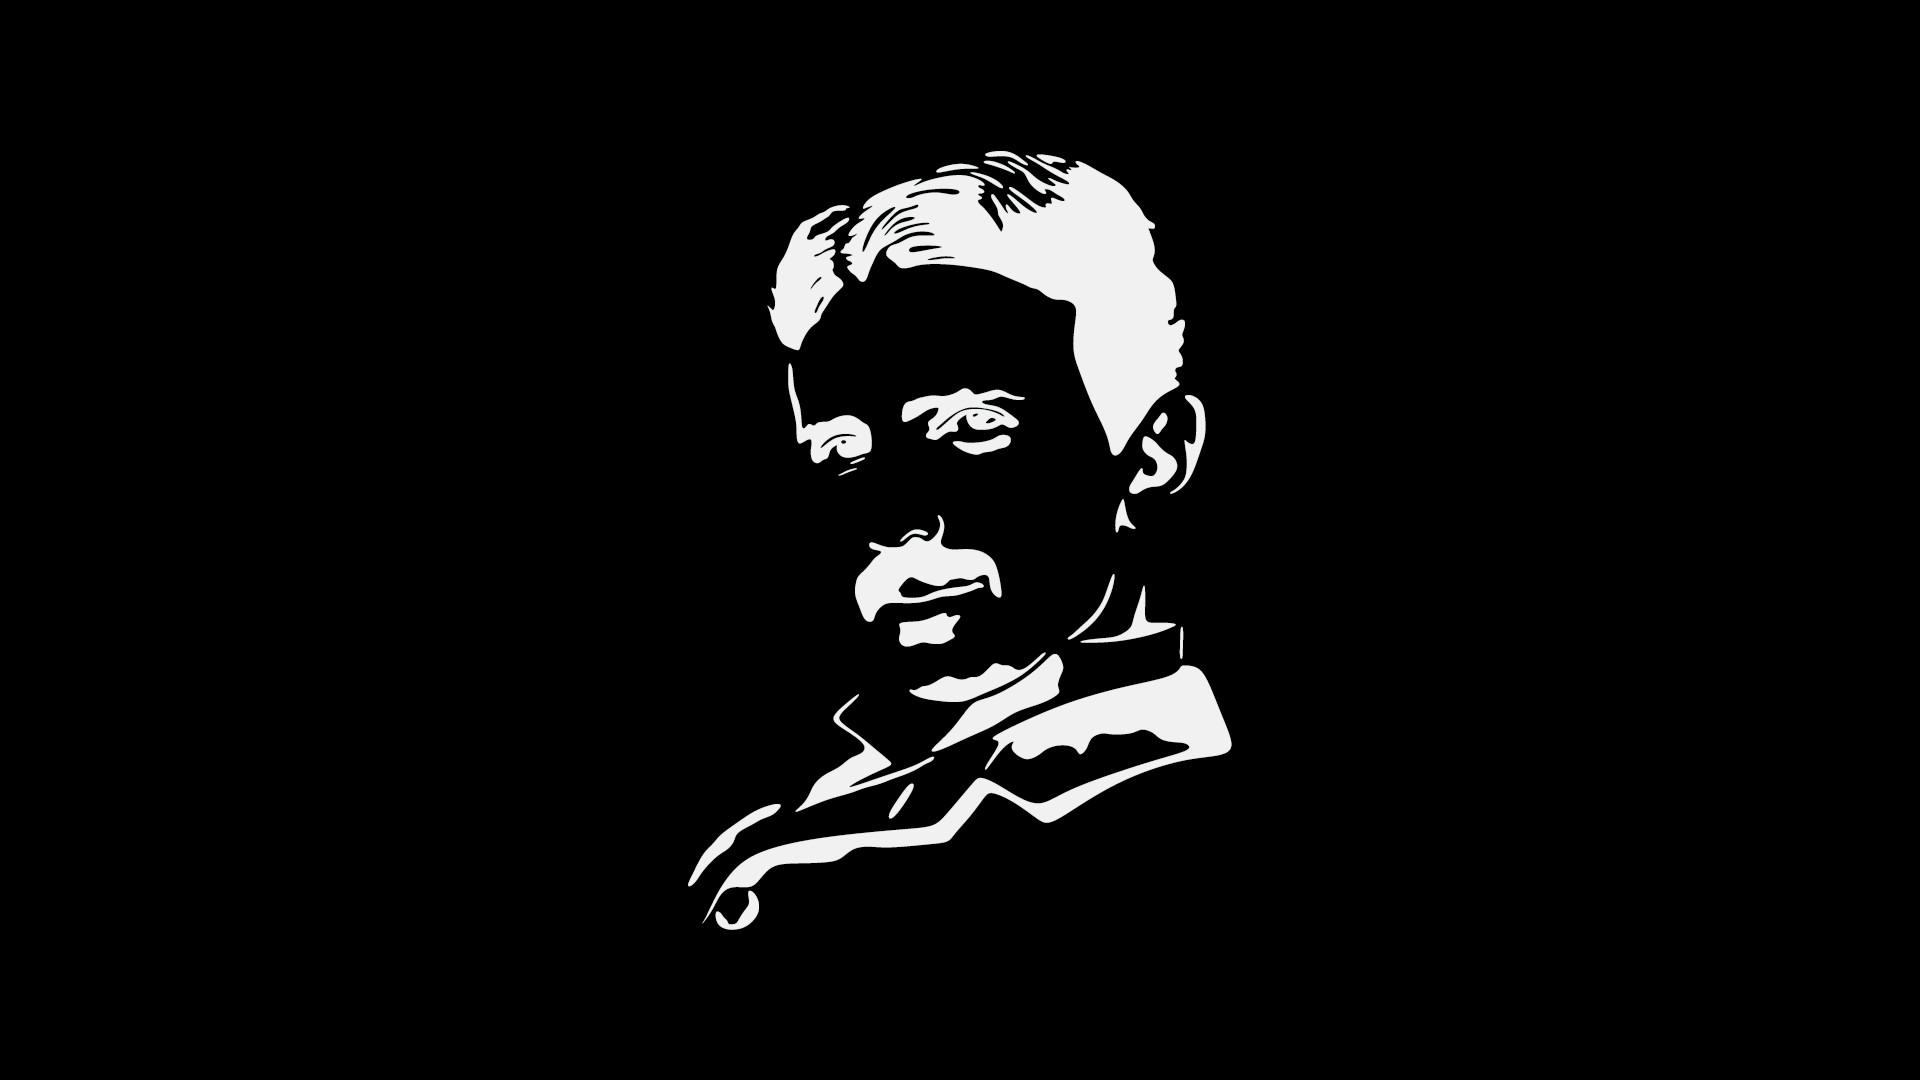 Nikola Tesla Pictures